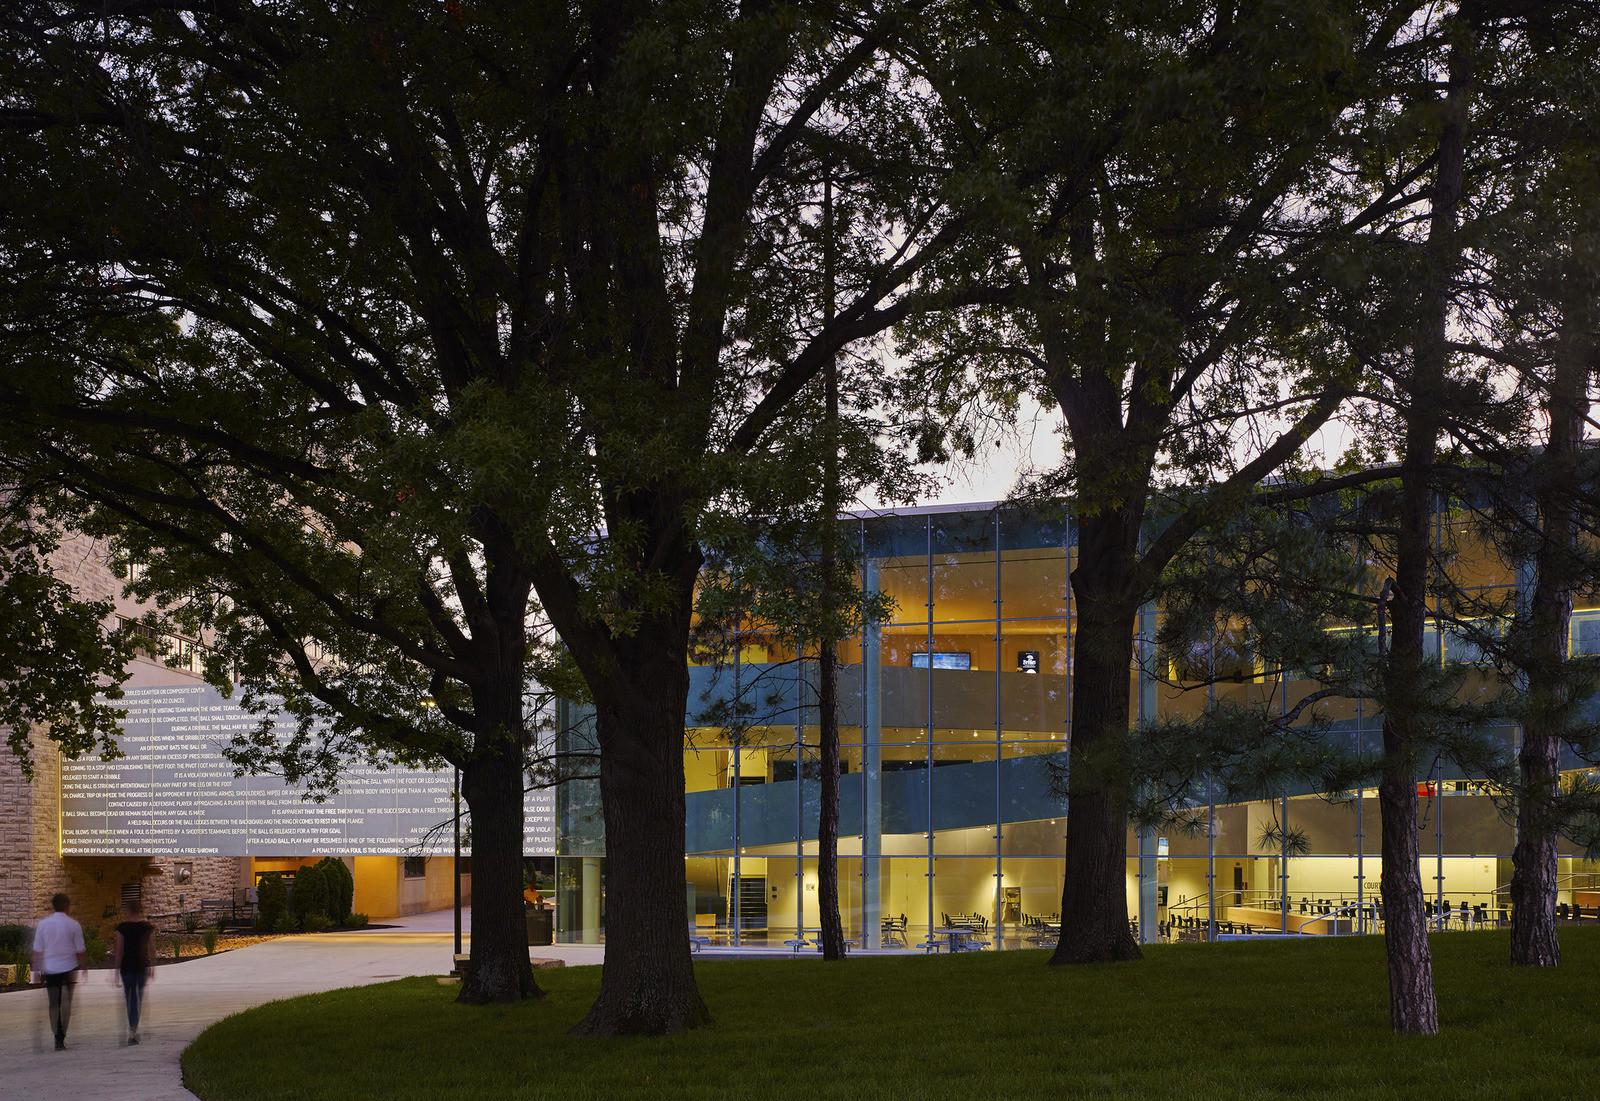 ДеБрюс-Центр Университета штата Канзас